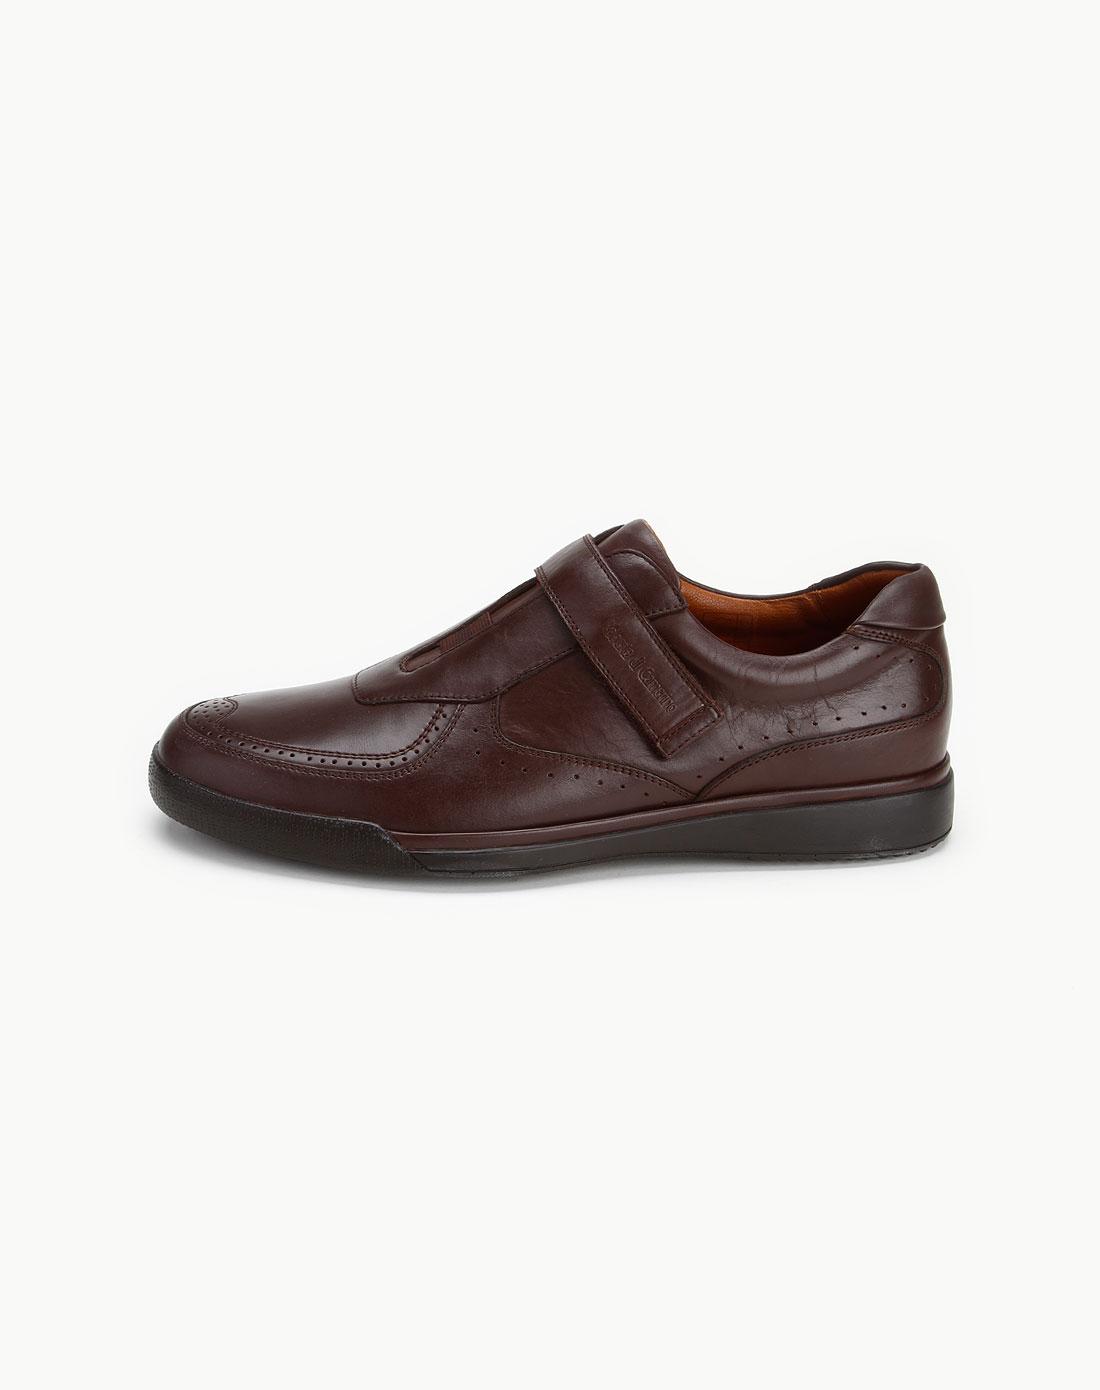 男款棕色时尚休闲皮鞋